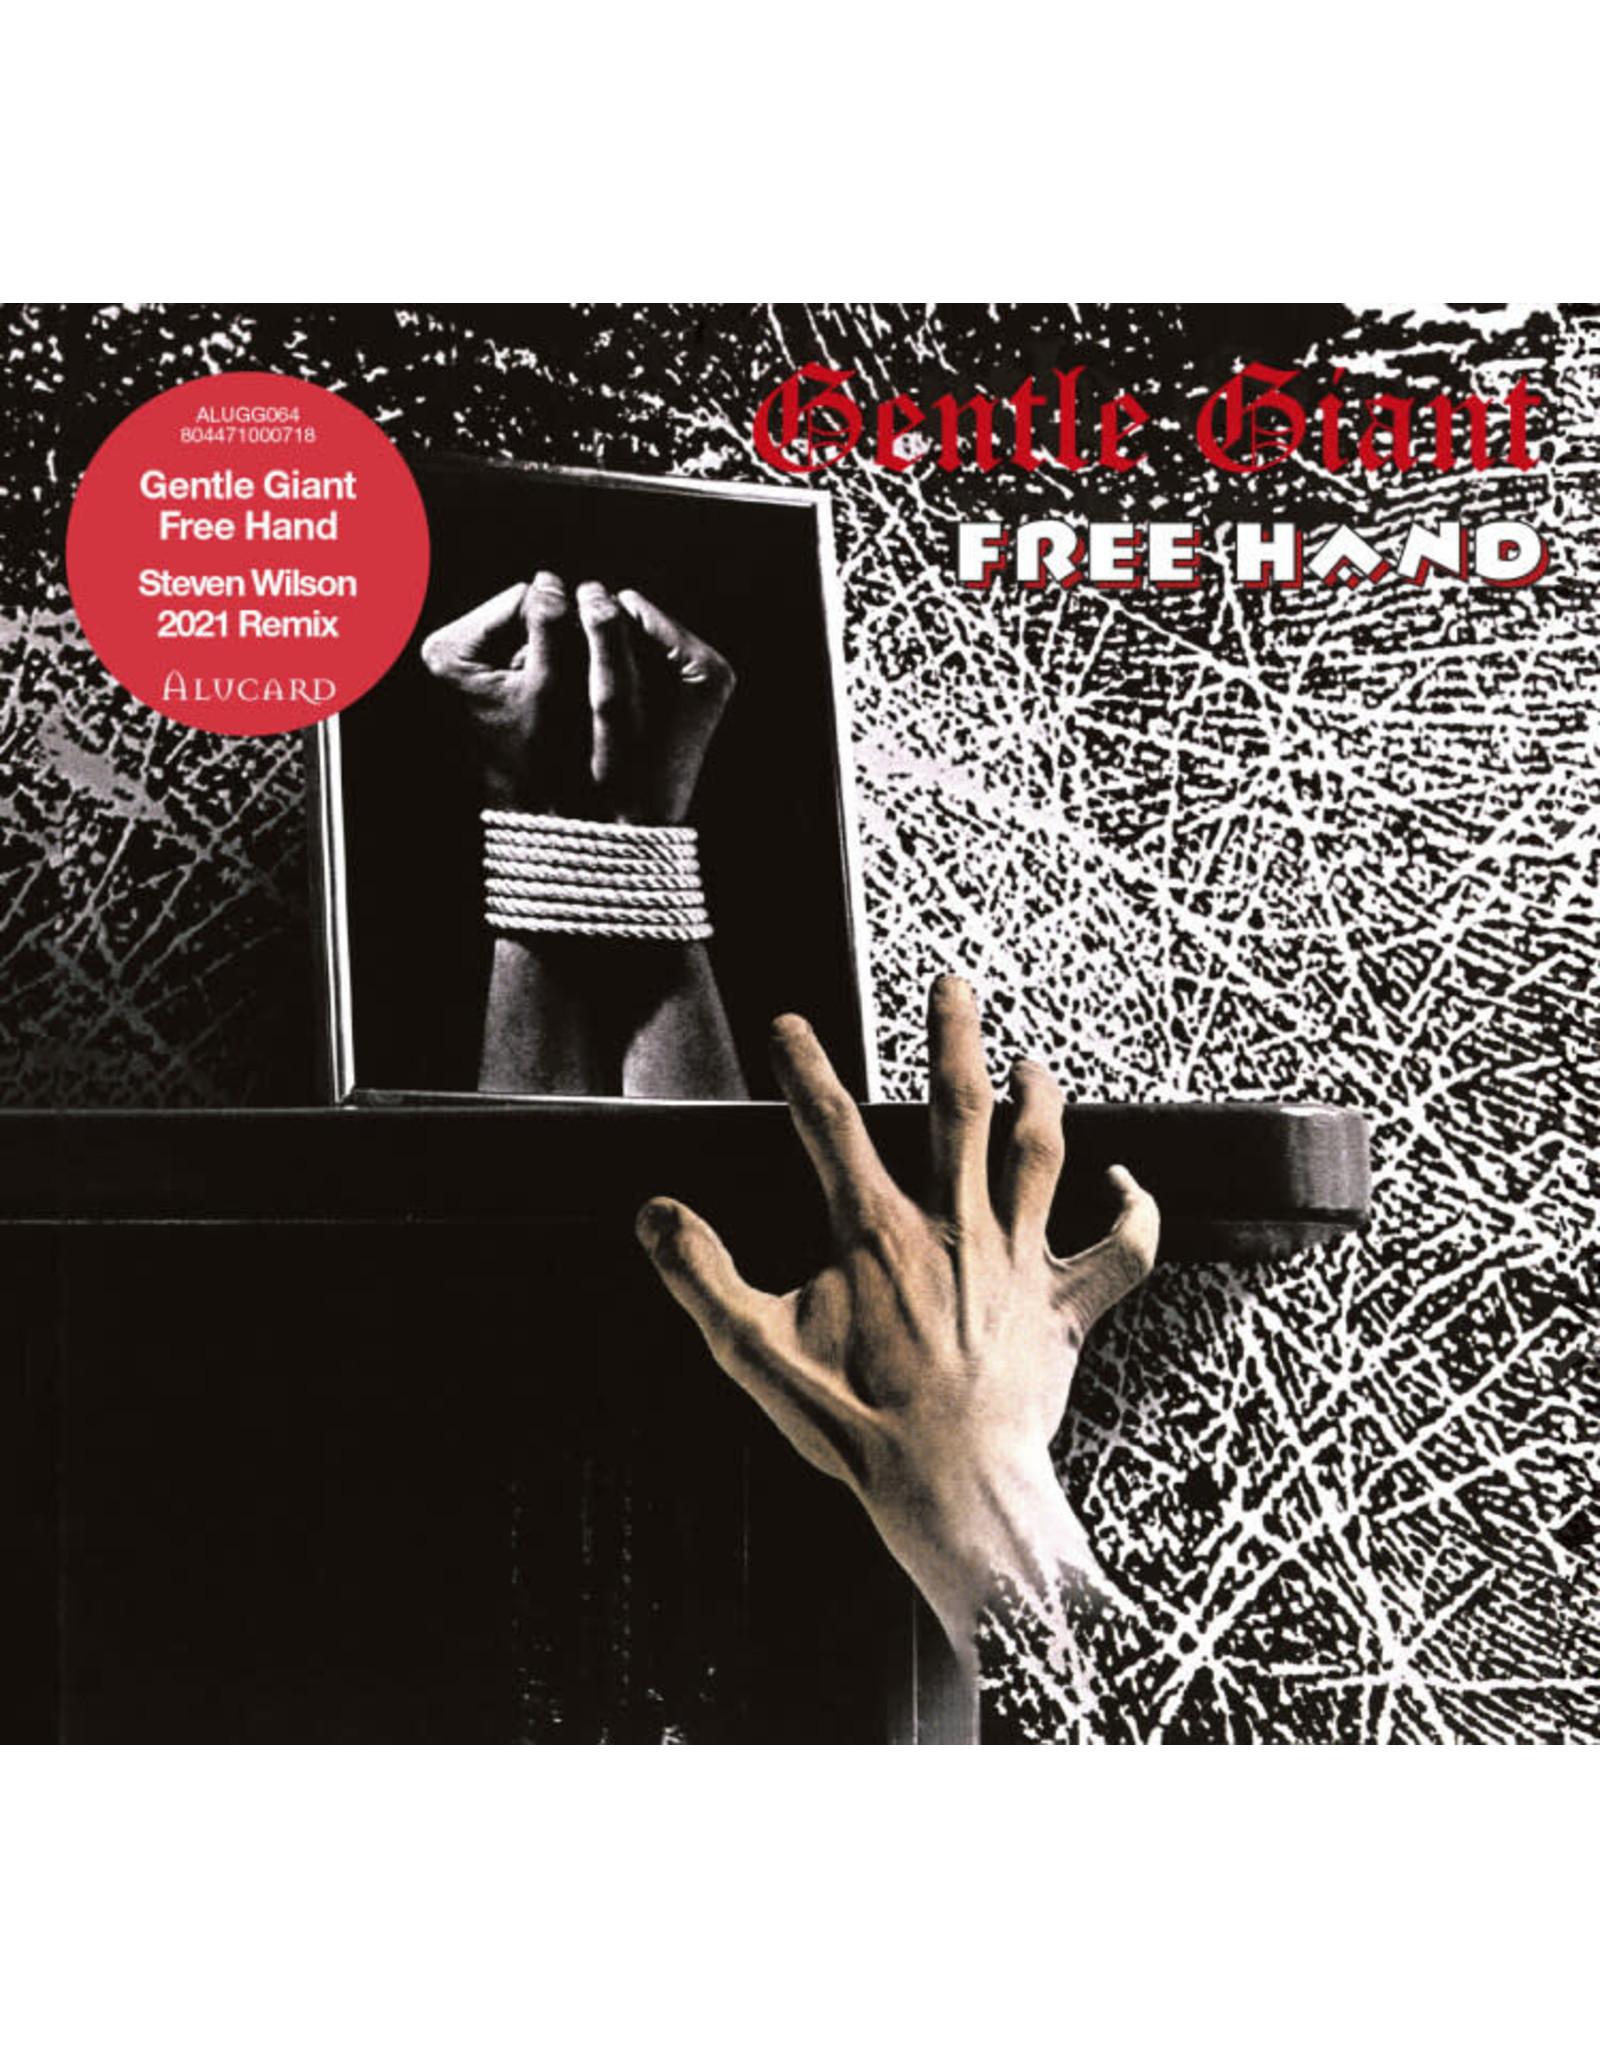 Gentle Giant - Free Hand (Steven Wilson mix) LP (Red Vinyl)